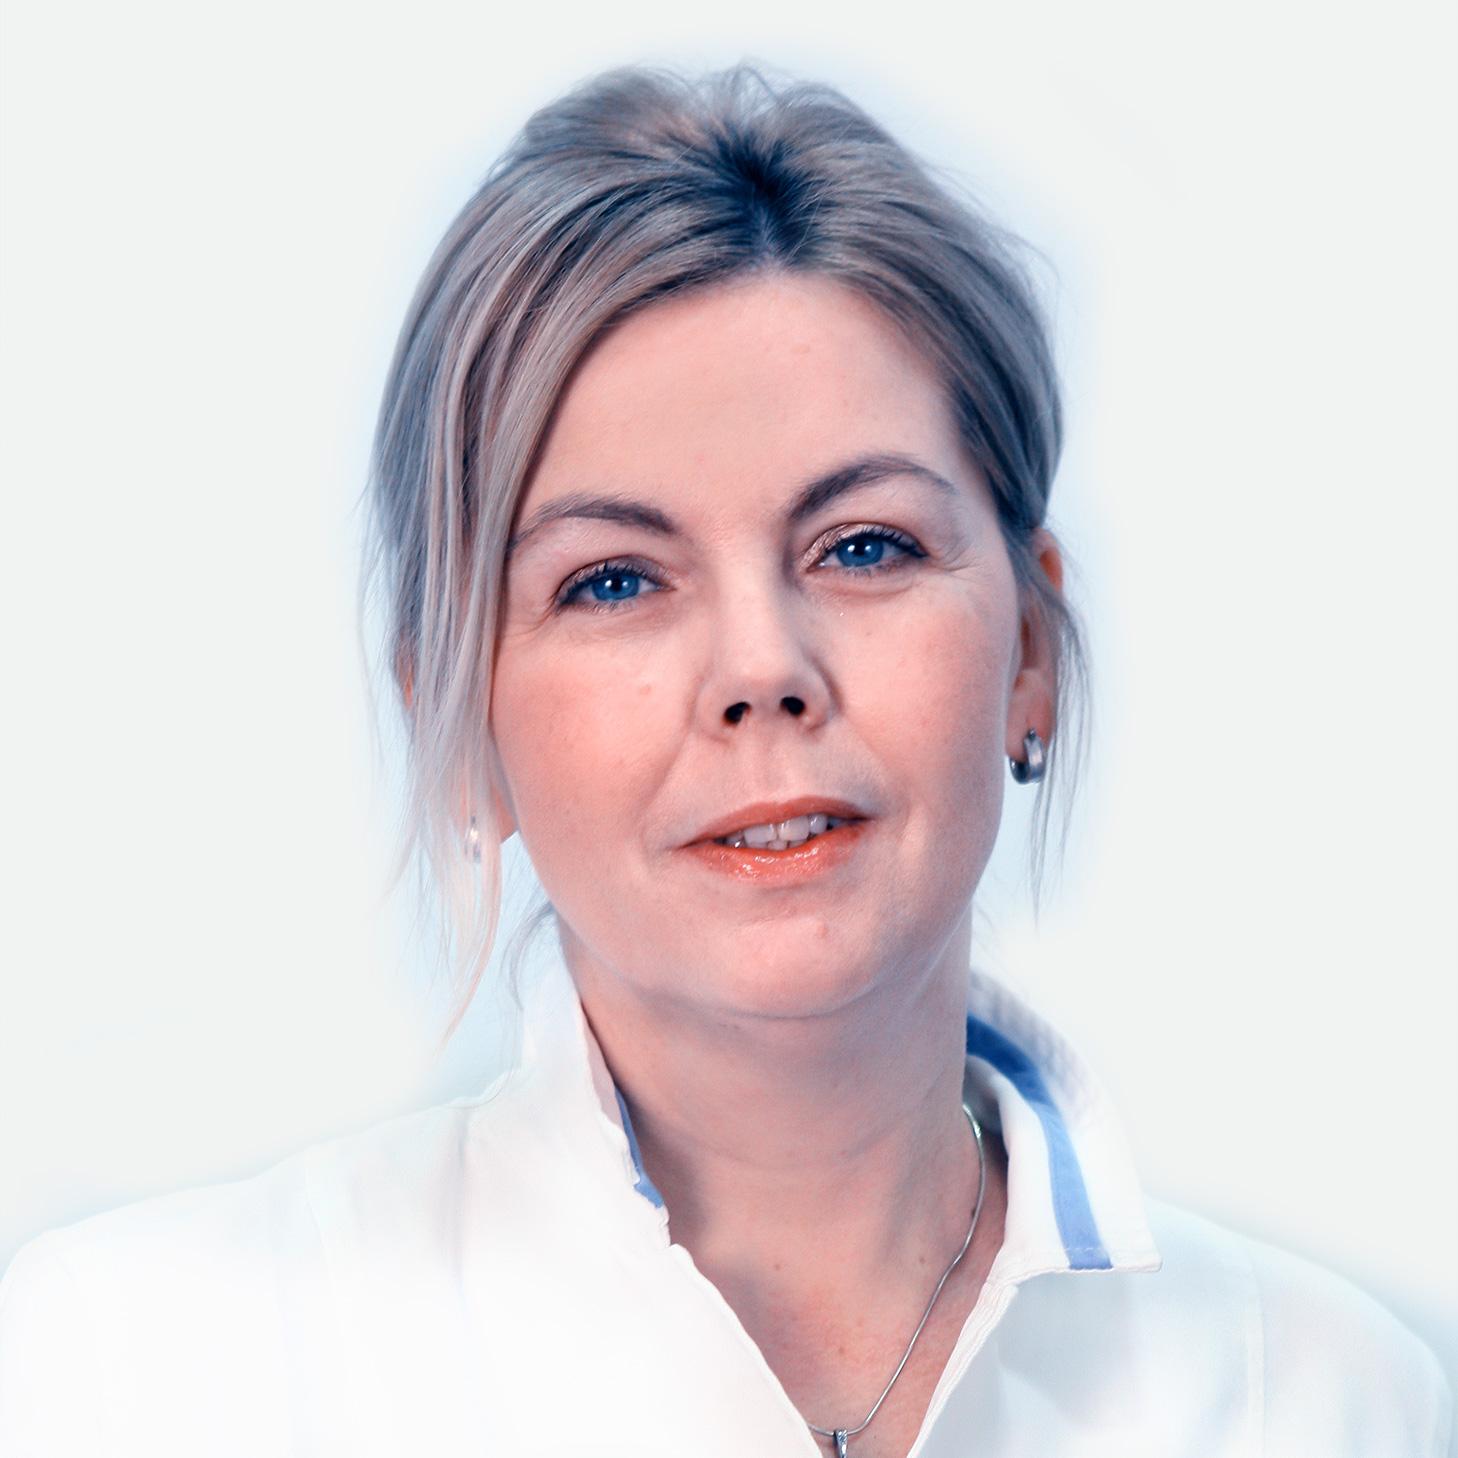 Željka Saračević